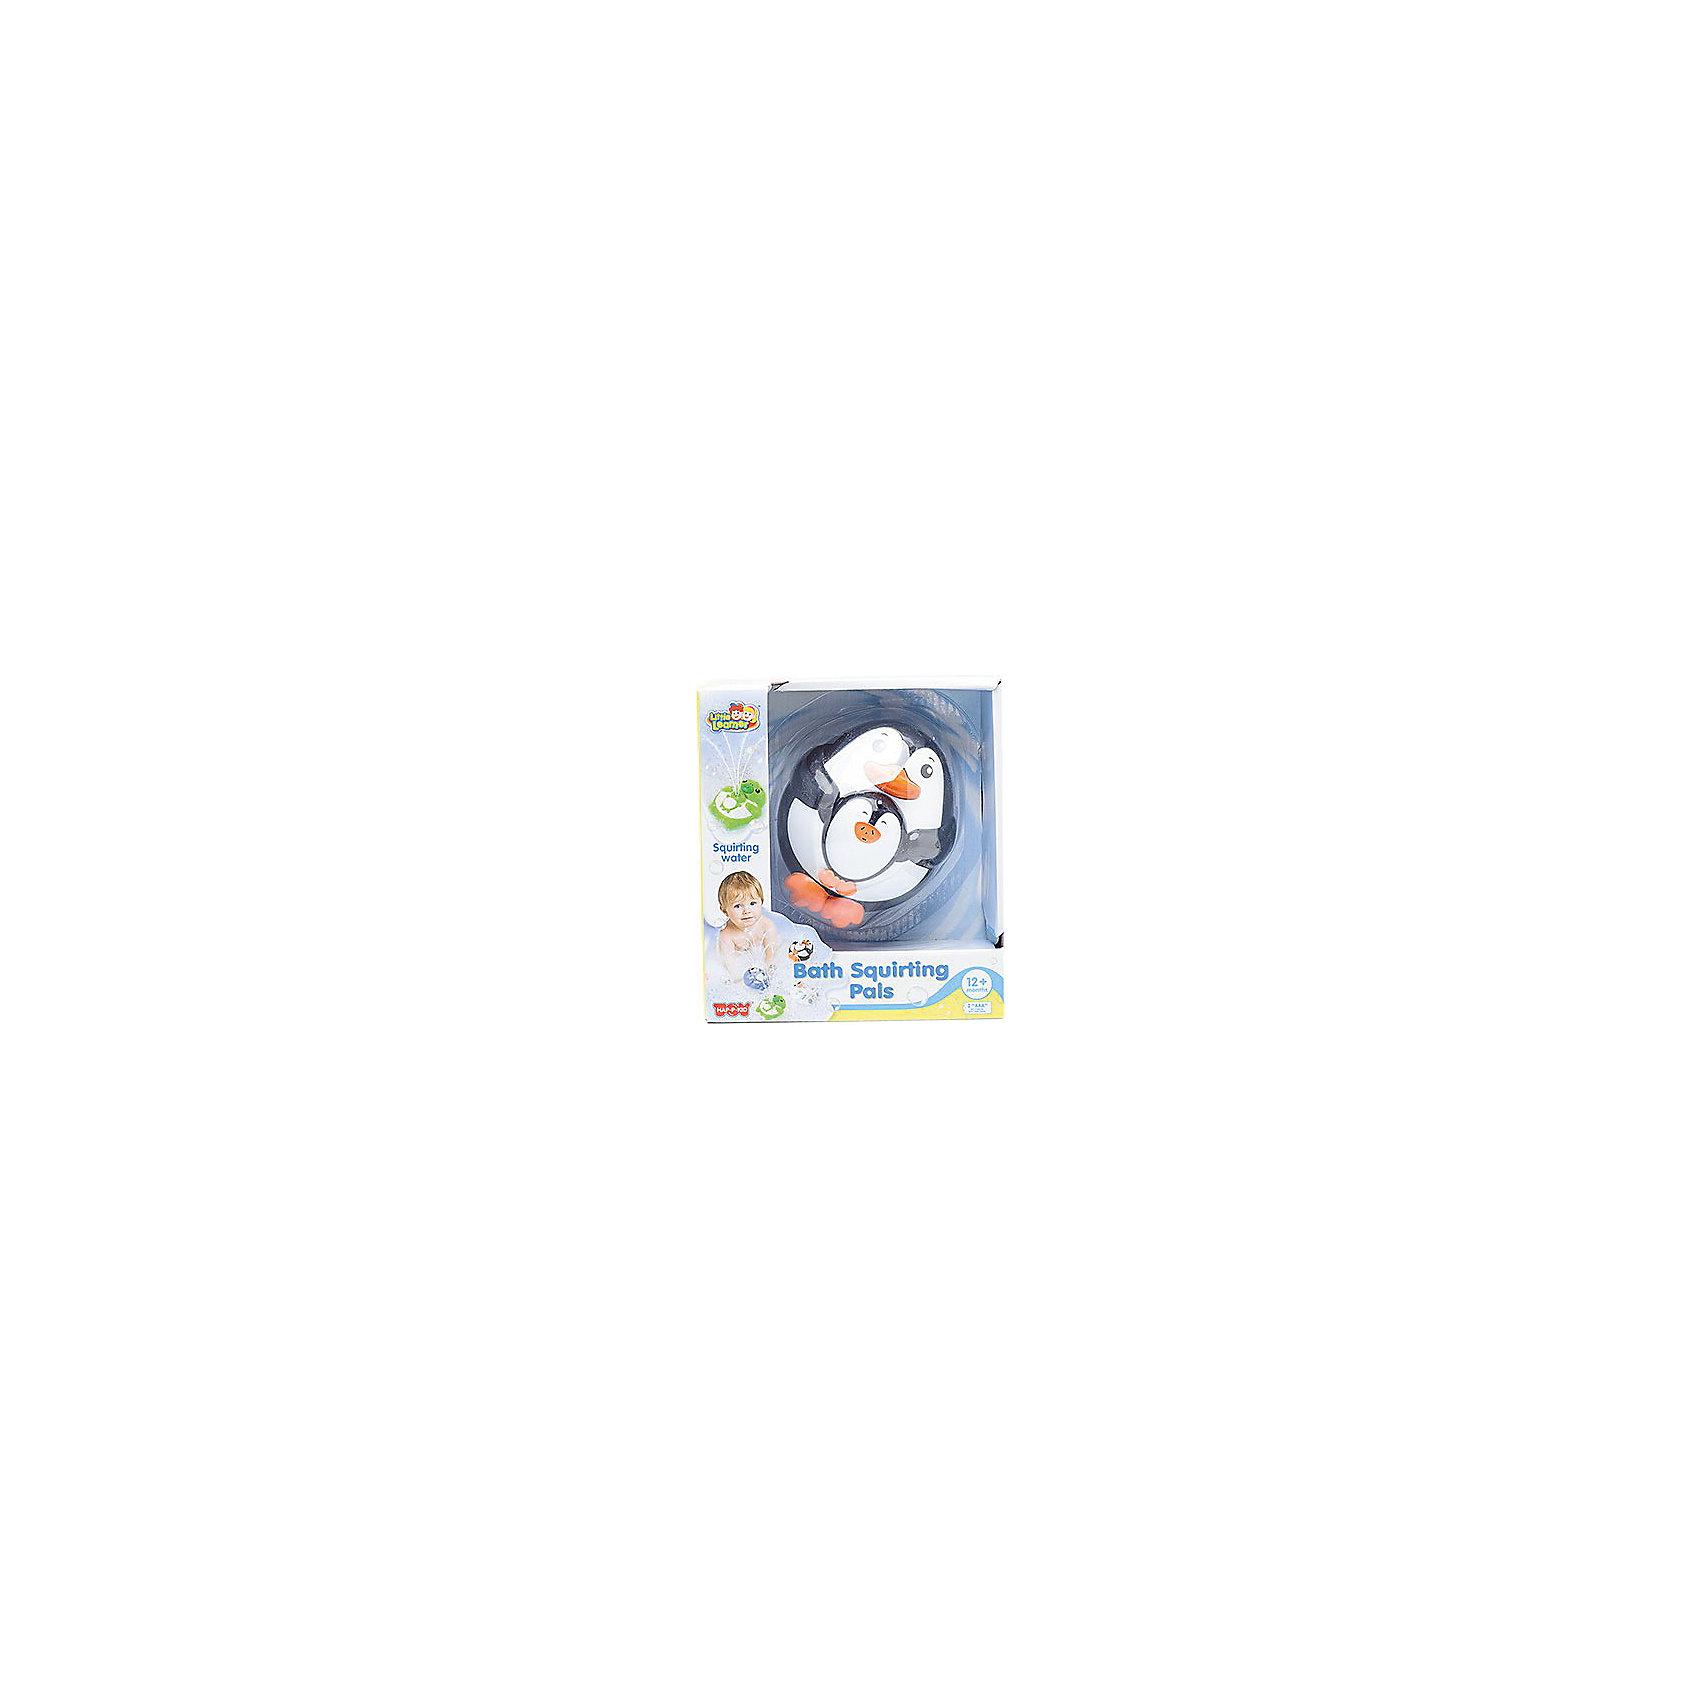 Игрушка для ванной Пингвиненок, HAP-P-KIDИгрушка для ванной Пингвиненок, Happy Kid (Хэппи Кид) – эта забавная игрушка развеселит вашего малыша во время купания.<br>Игрушка для ванной Пингвиненок от Happy Kid (Хэппи Кид) привлечет внимание вашего малыша и превратит купание в веселую игру! Игрушка выполнена в виде пингвина лежащего на спине и держащего детеныша. Она прекрасно держатся на воде, не тонет. Если нажать на нос пингвина, то из ротика детеныша брызнет фонтан воды, что, несомненно, позабавит ребенка. Эта яркая игрушка для ванной поможет вашему малышу развить координацию движений, ловкость, внимание, а также справиться с боязнью воды. Игрушка изготовлена из высококачественных материалов, соответствует требованиям безопасности.<br><br>Дополнительная информация:<br><br>- Размер: 10 х 12 х 6 см.<br>- Материал: винил, резина, пластик<br>- Цвет: черный, белый, оранжевый<br>- Батарейки: 2 типа ААА (в комплект не входят)<br>- Размер упаковки: 16,5 x 18,4 x 8,6 см.<br>- Вес: 290 гр.<br><br>Игрушку для ванной Пингвиненок, Happy Kid (Хэппи Кид) можно купить в нашем интернет-магазине.<br><br>Ширина мм: 165<br>Глубина мм: 184<br>Высота мм: 86<br>Вес г: 290<br>Возраст от месяцев: 12<br>Возраст до месяцев: 36<br>Пол: Унисекс<br>Возраст: Детский<br>SKU: 4726746